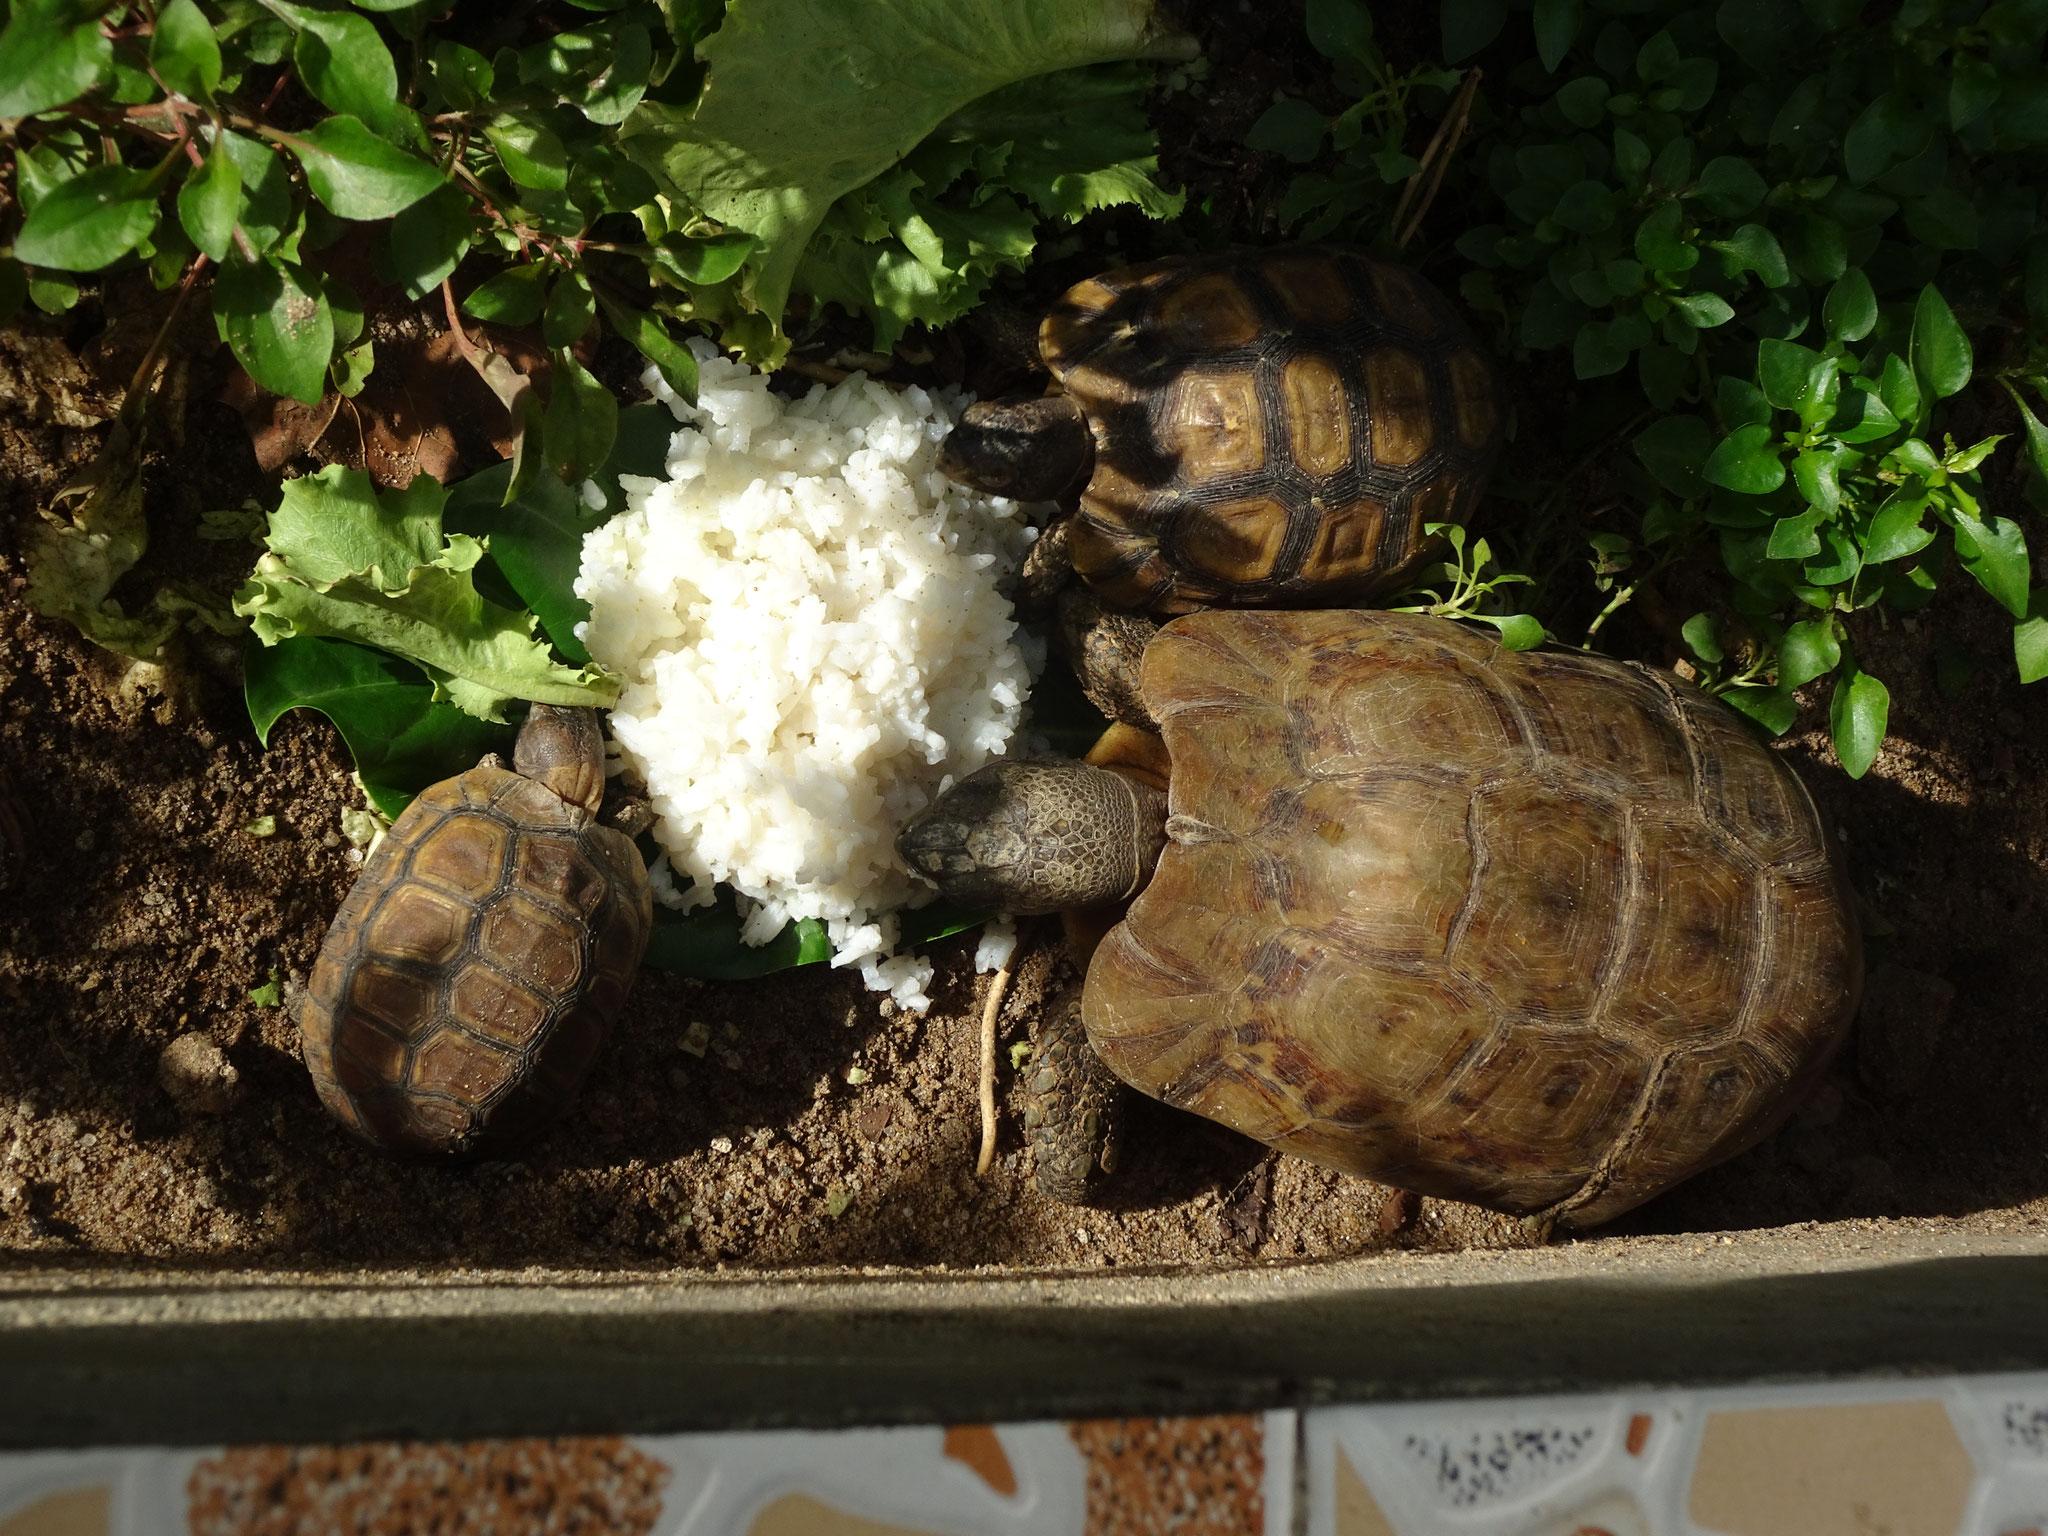 Kignixys auch Gelenkschildkröten genannt.